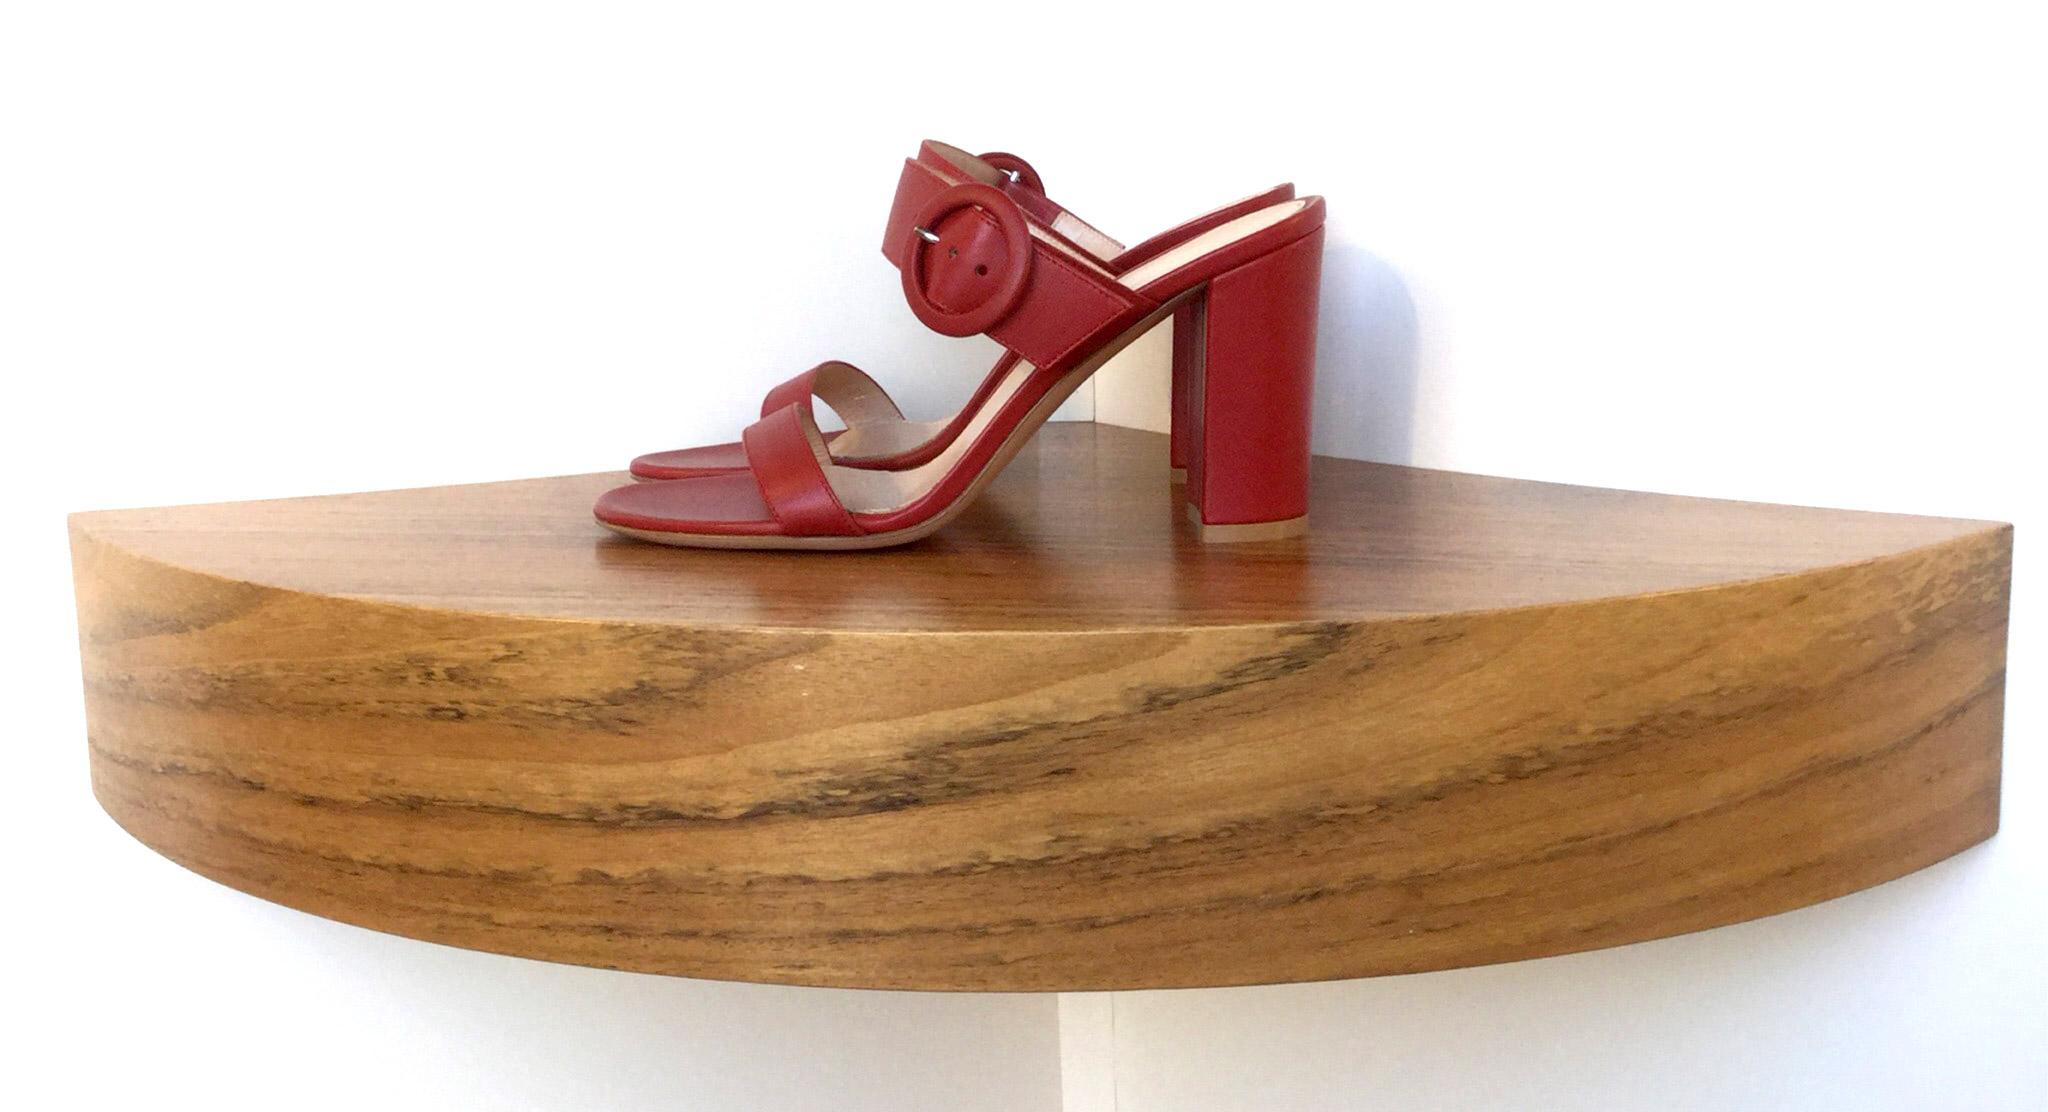 Sandalia Gianvito Rossi de napa color rojo tabasco 7d8f4f854463